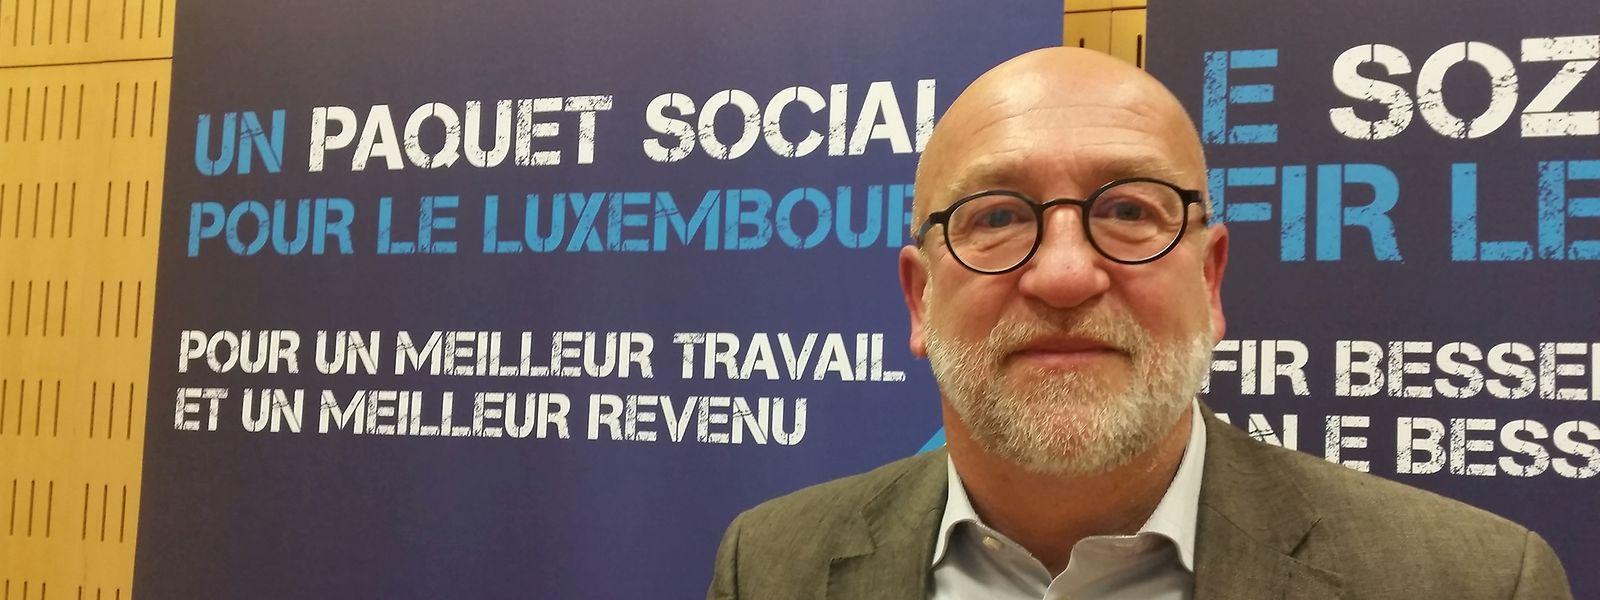 André Roeltgen, président de l'OGBL: «Il y a une contradiction grandissante entre les petits et moyens revenus d'une part et les hauts, voire très hauts revenus, d'autre part.»